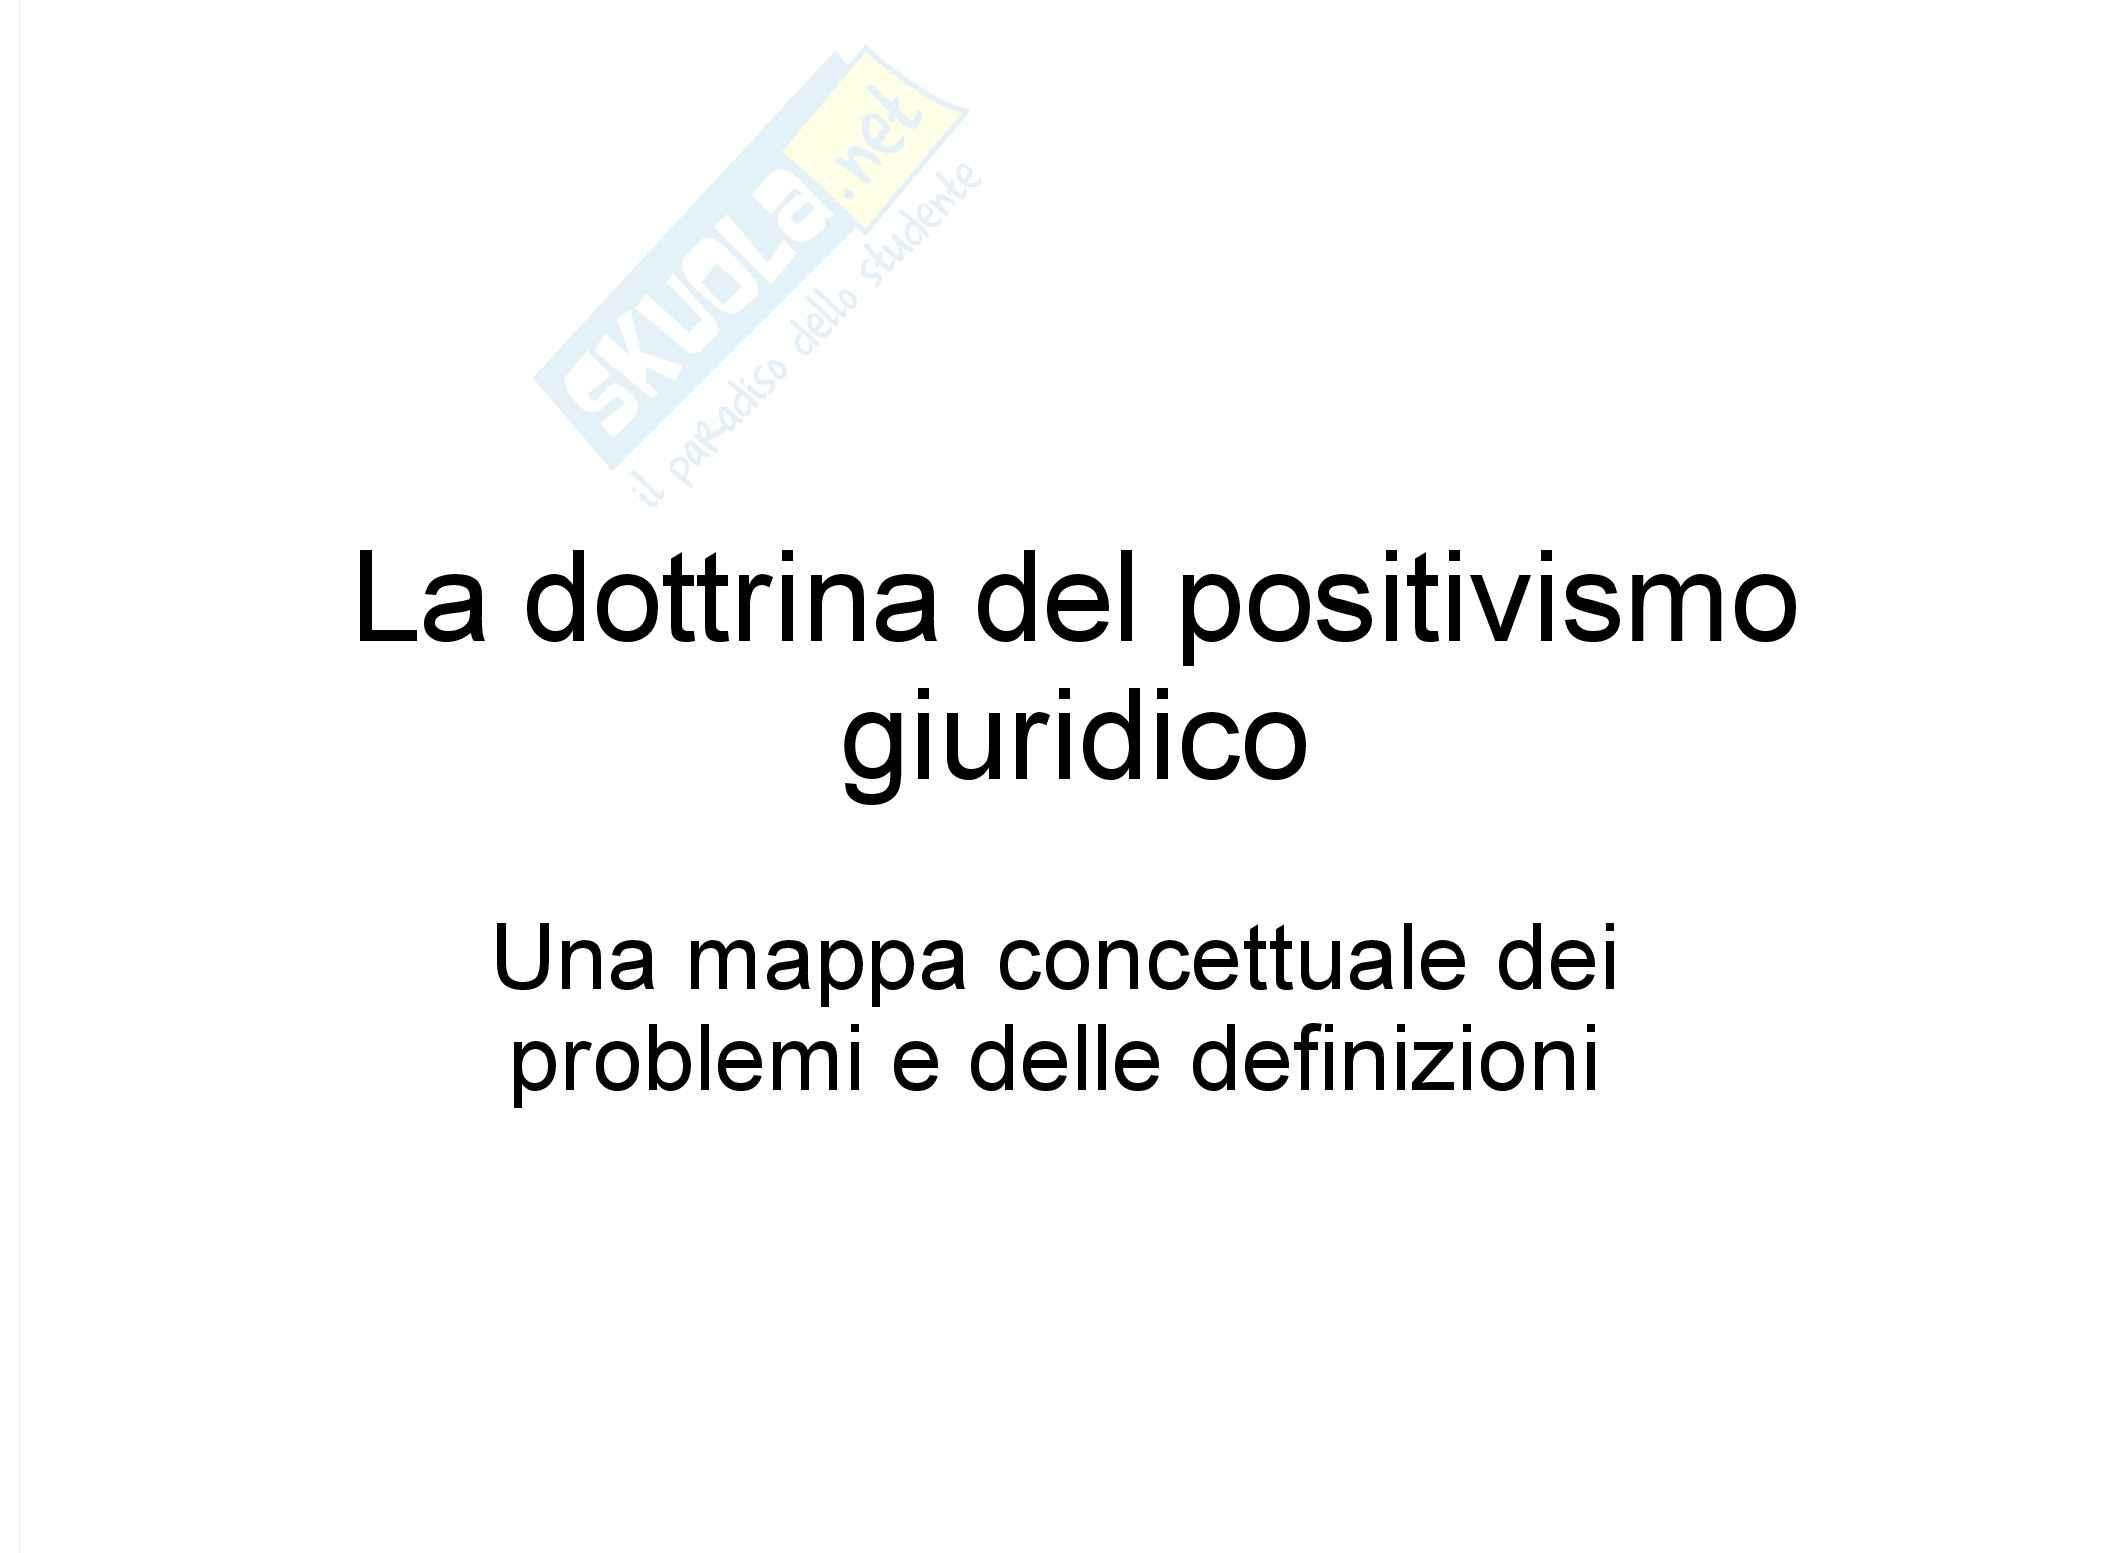 Filosofia del diritto - la dottrina del positivismo giuridico - Appunti